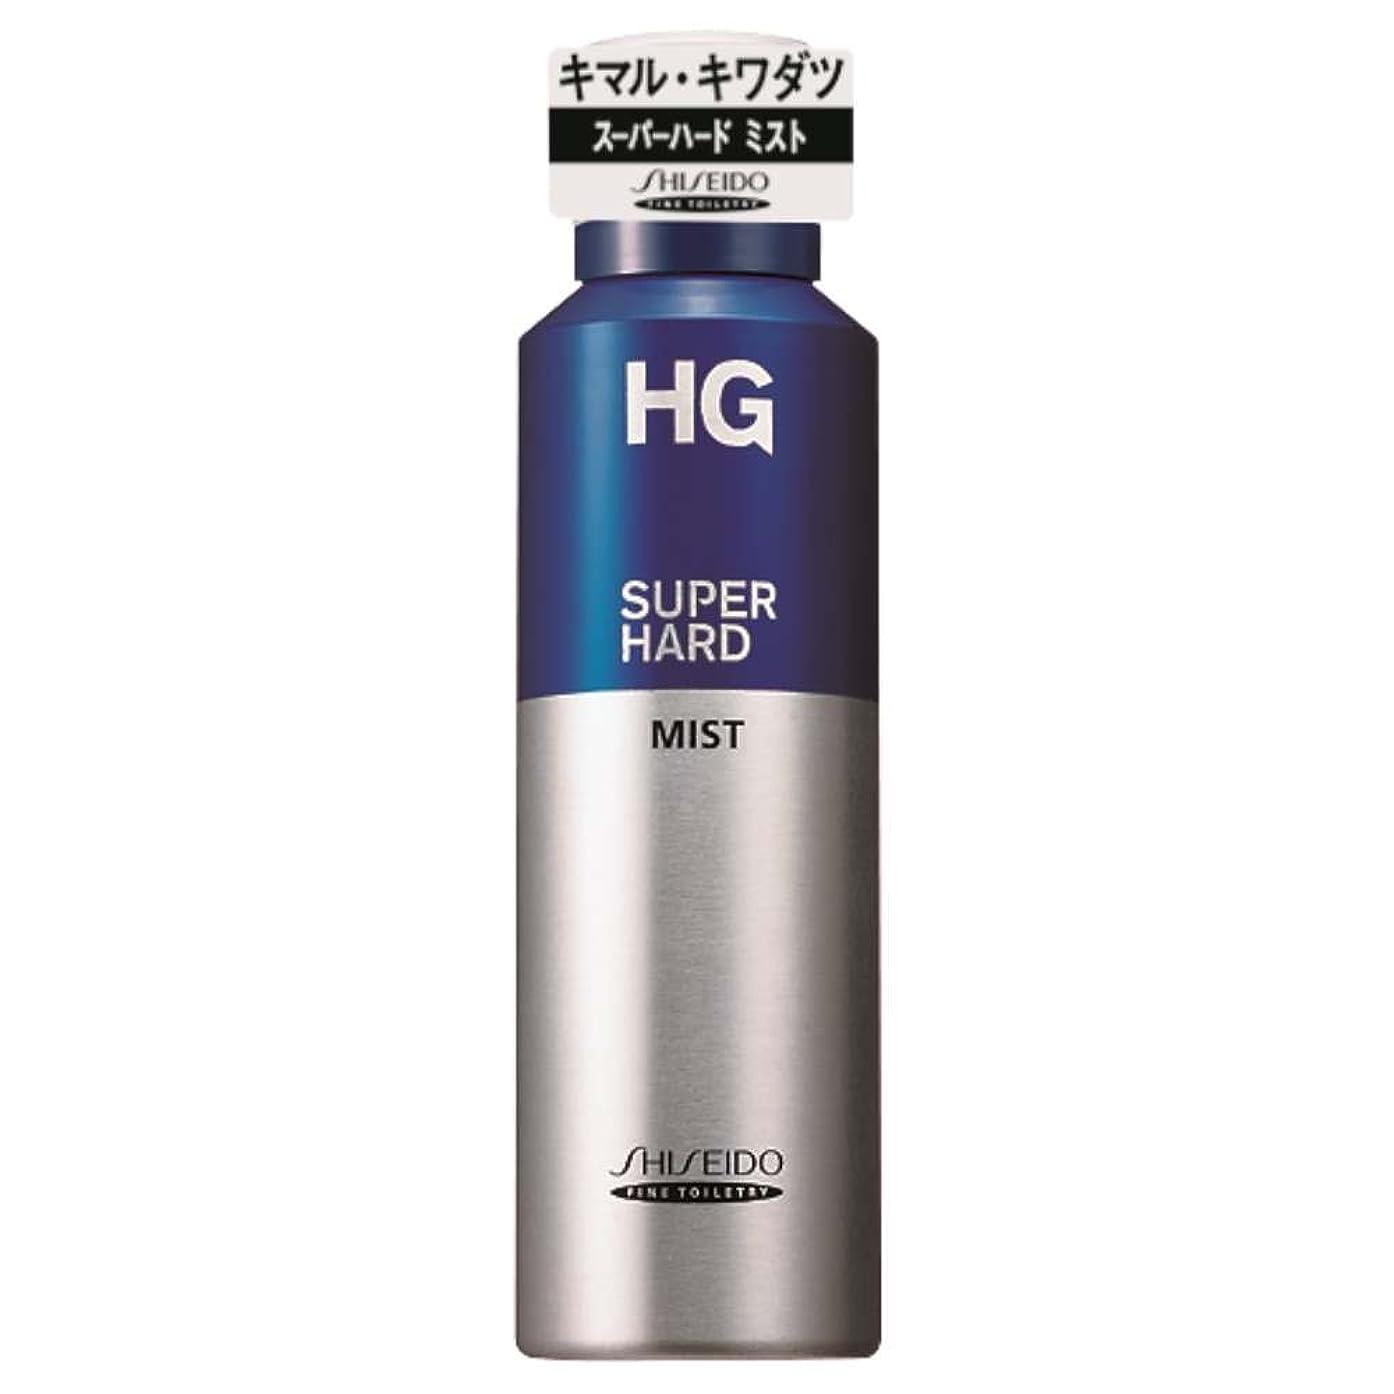 半径起こりやすい軍団HG スーパーハードミストa 【HTRC3】